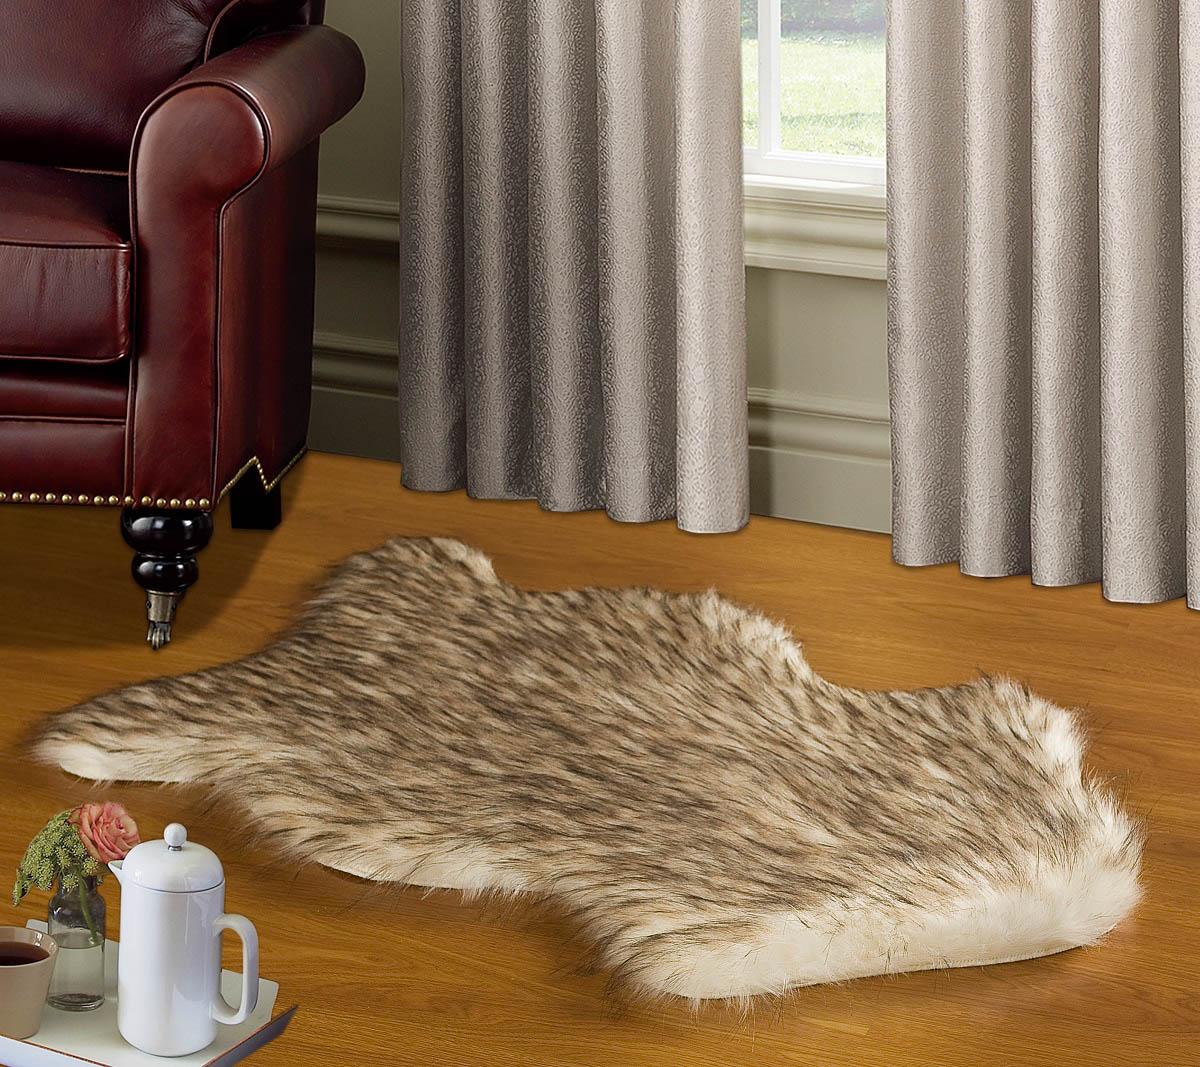 Коврик для ванной ModalinКоврики для ванной<br>Производитель: Modalin<br>Материал: Искусственный мех<br>Размер: 60х80 см<br>Плотность: 1200 г/м2<br><br>Тип: коврик для ванной<br>Размерность комплекта: None<br>Материал: Искусственный мех<br>Размер наволочки: None<br>Подарочная упаковка: None<br>Для детей: нет<br>Ткань: Искусственный мех<br>Цвет: Бежевый